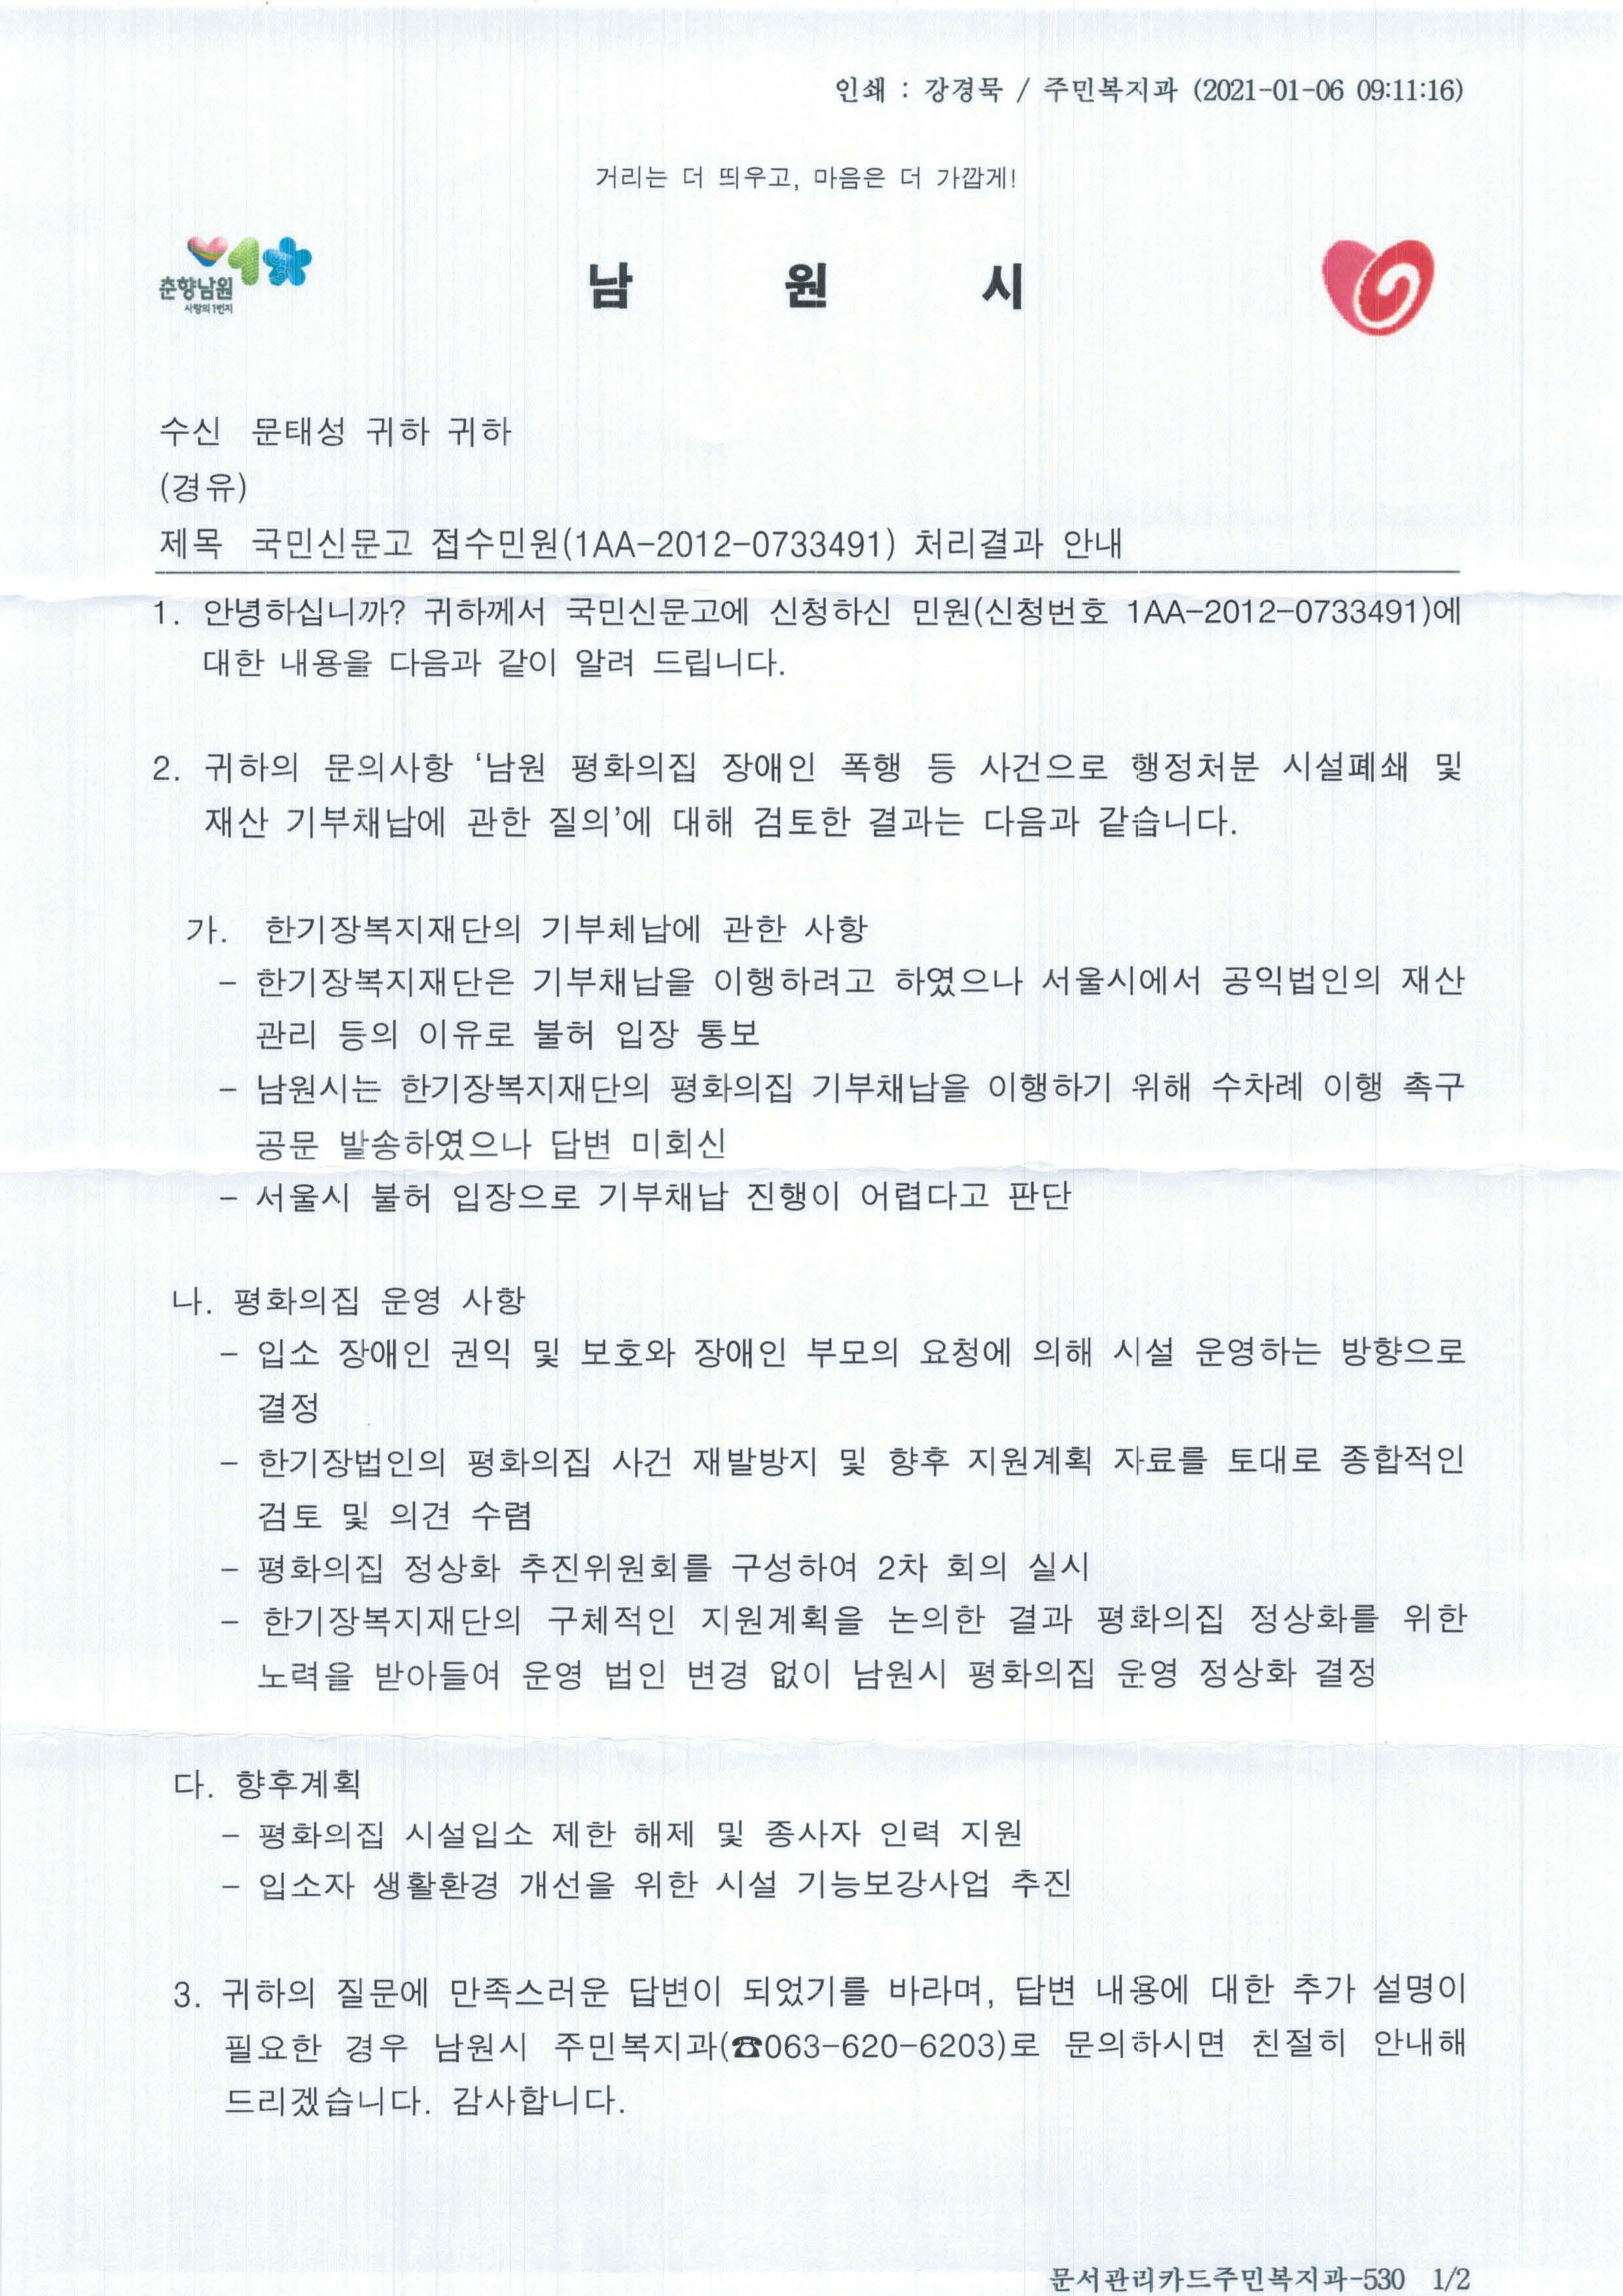 남원시 주민복지과-530(2021.1.5)_남원평화의집 기부체납 회신_페이지_1.jpg